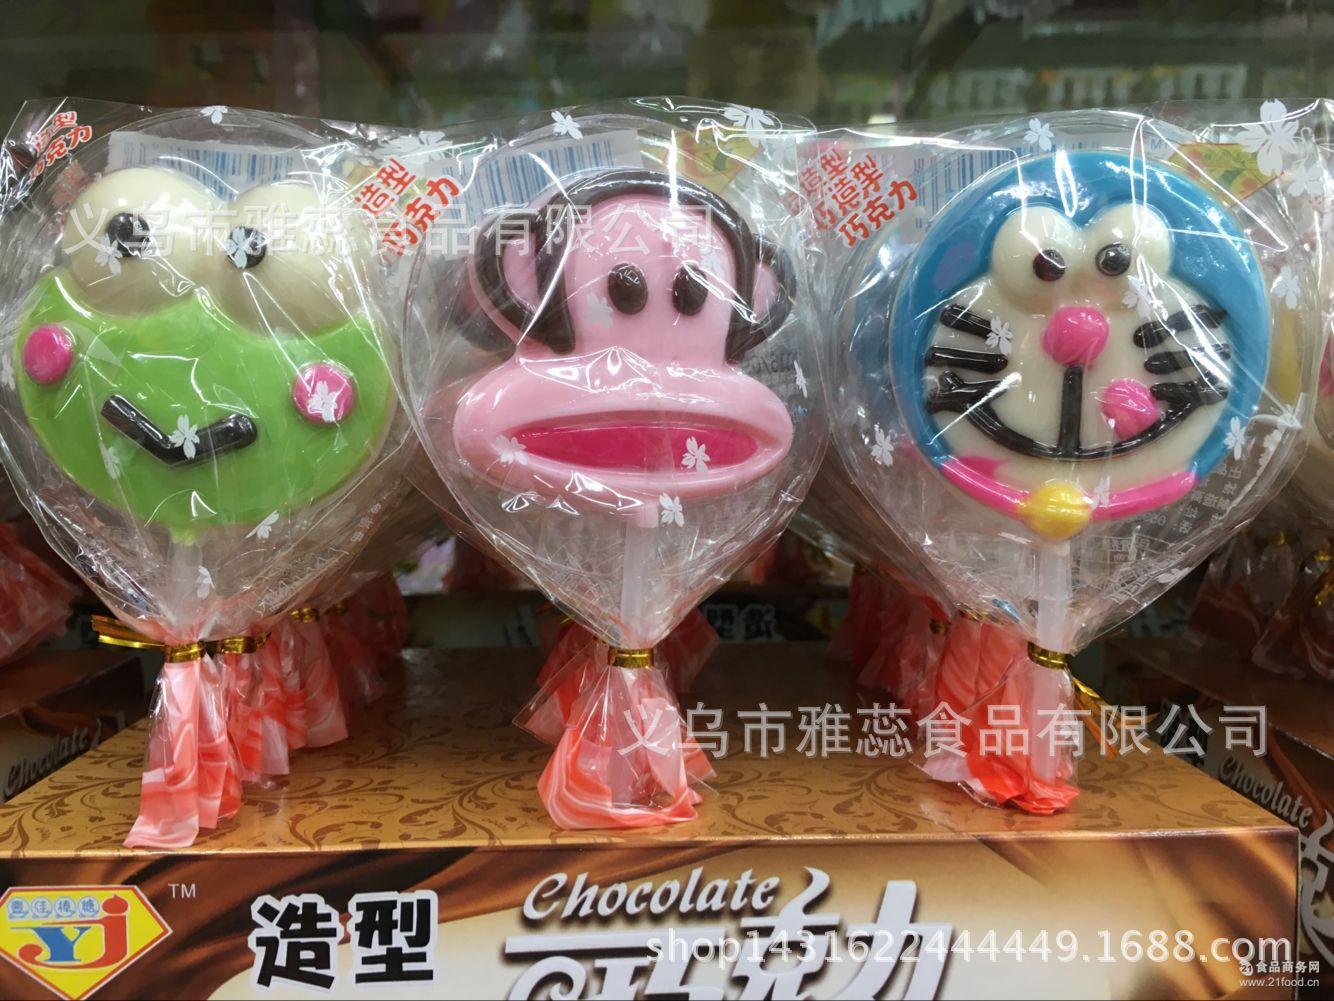 造型巧克力糖果 儿童喜爱零食巧克力万圣节糖果创意精品糖果批发